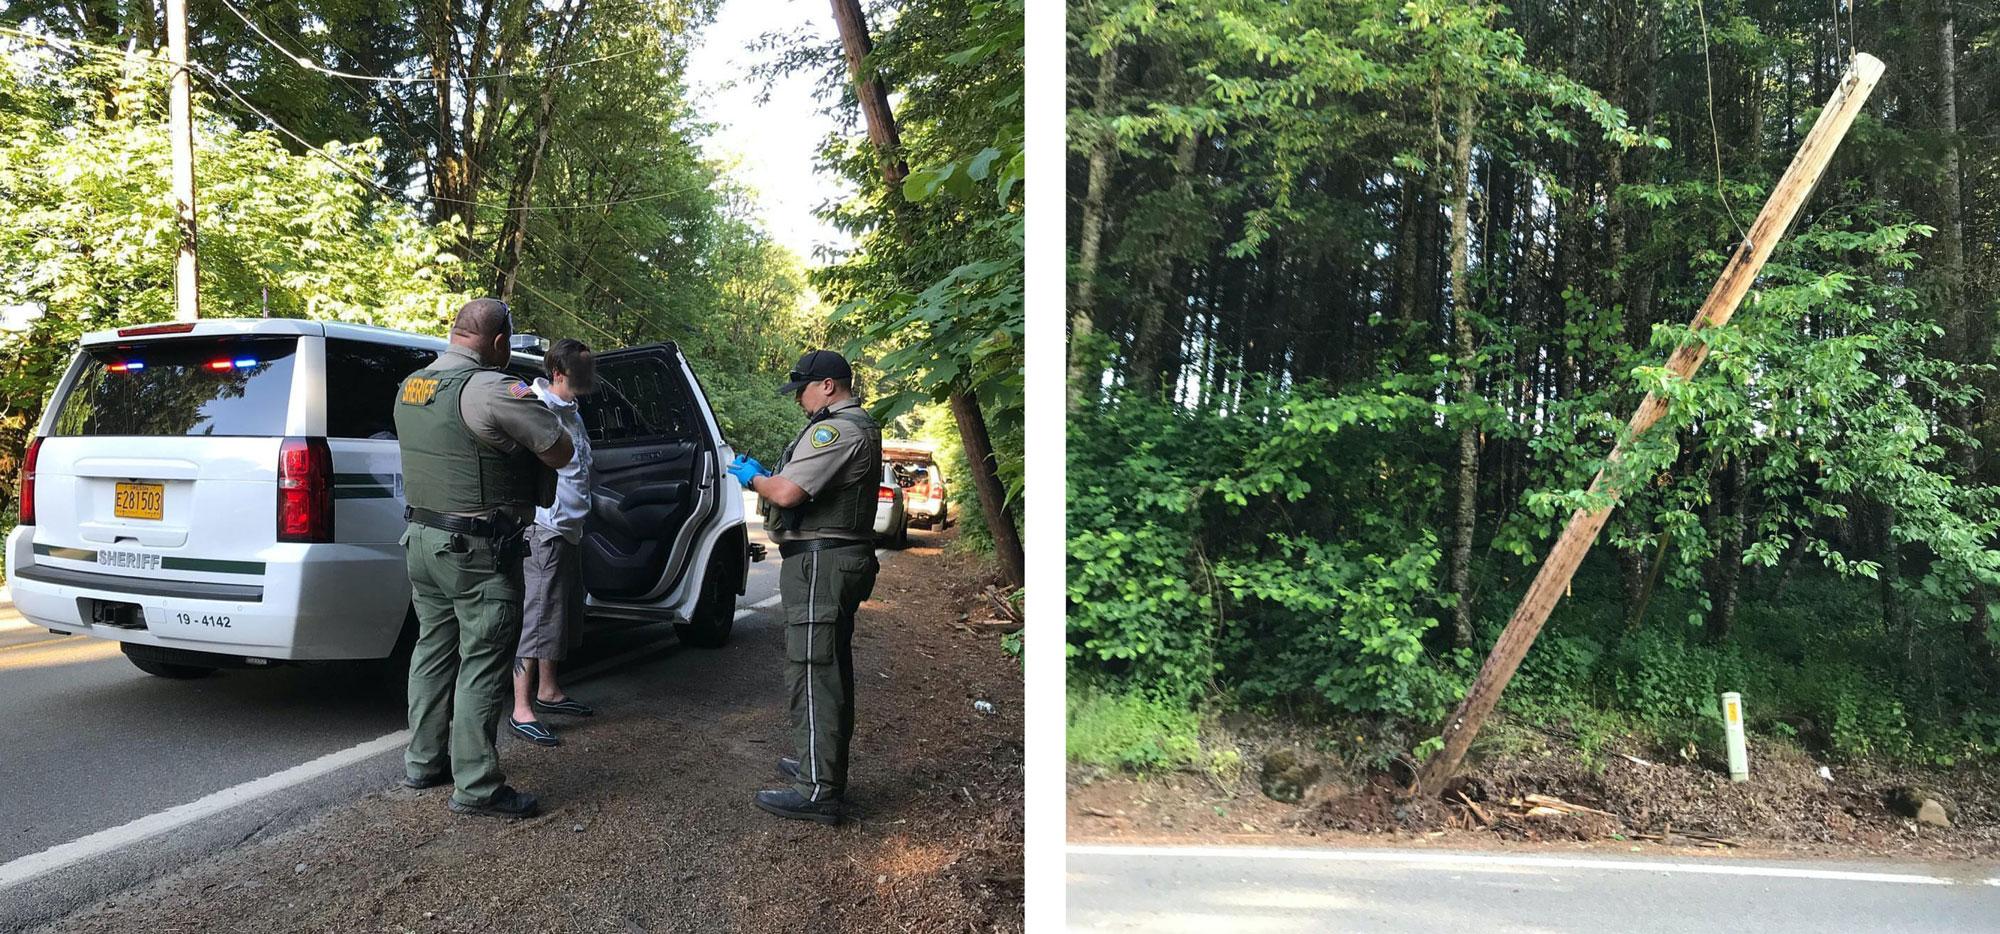 Pole down in Beavercreek; DUII arrest ensues